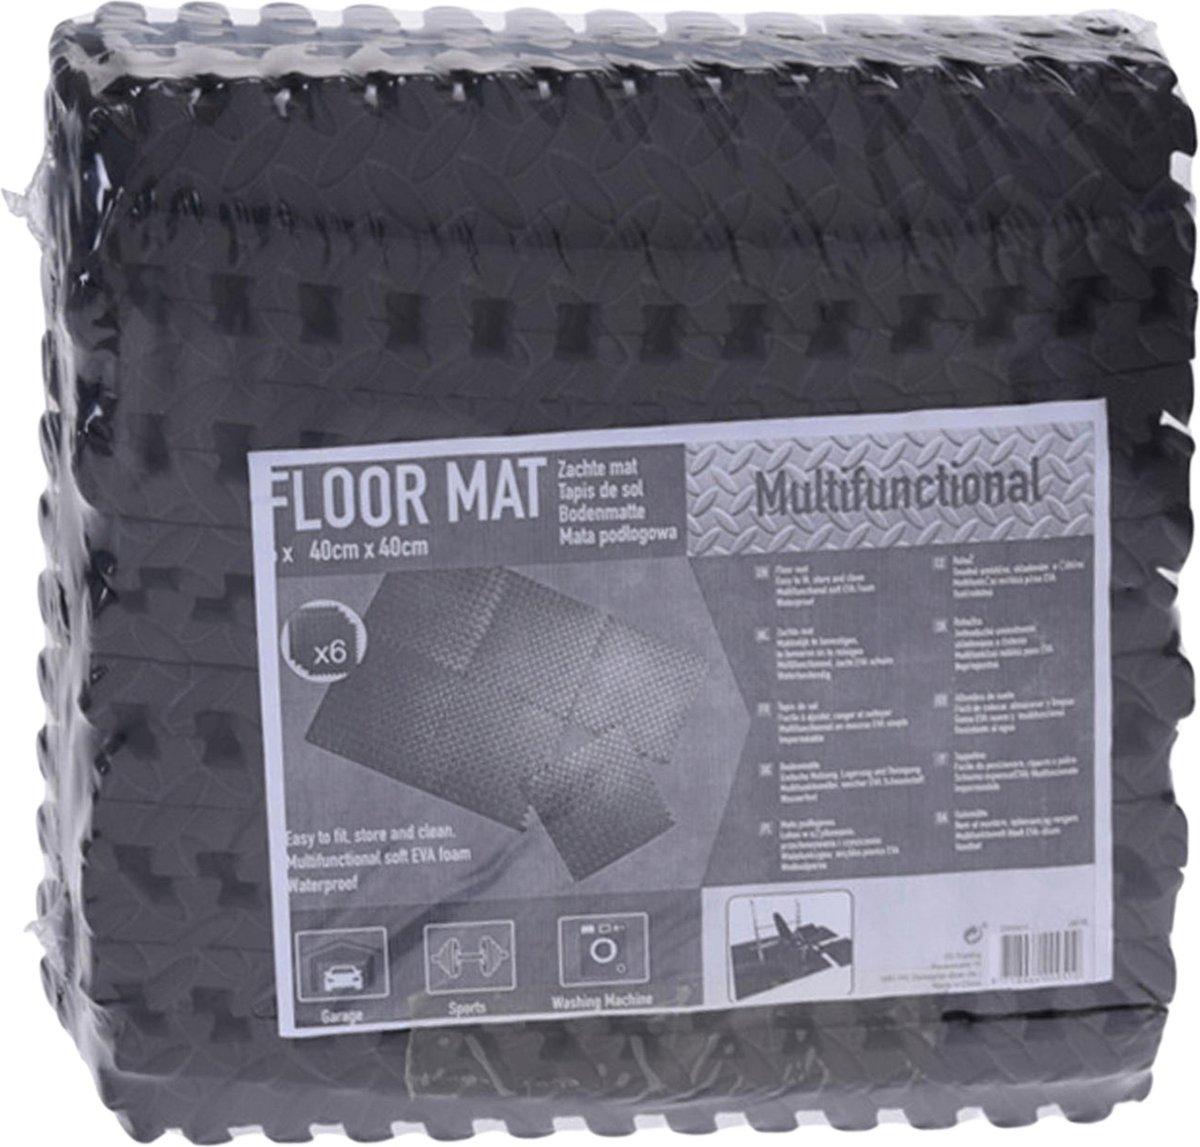 Zwembadtegels - Voordeelverpakking - 1 verpakking van 6 tegels - 40x40 cm